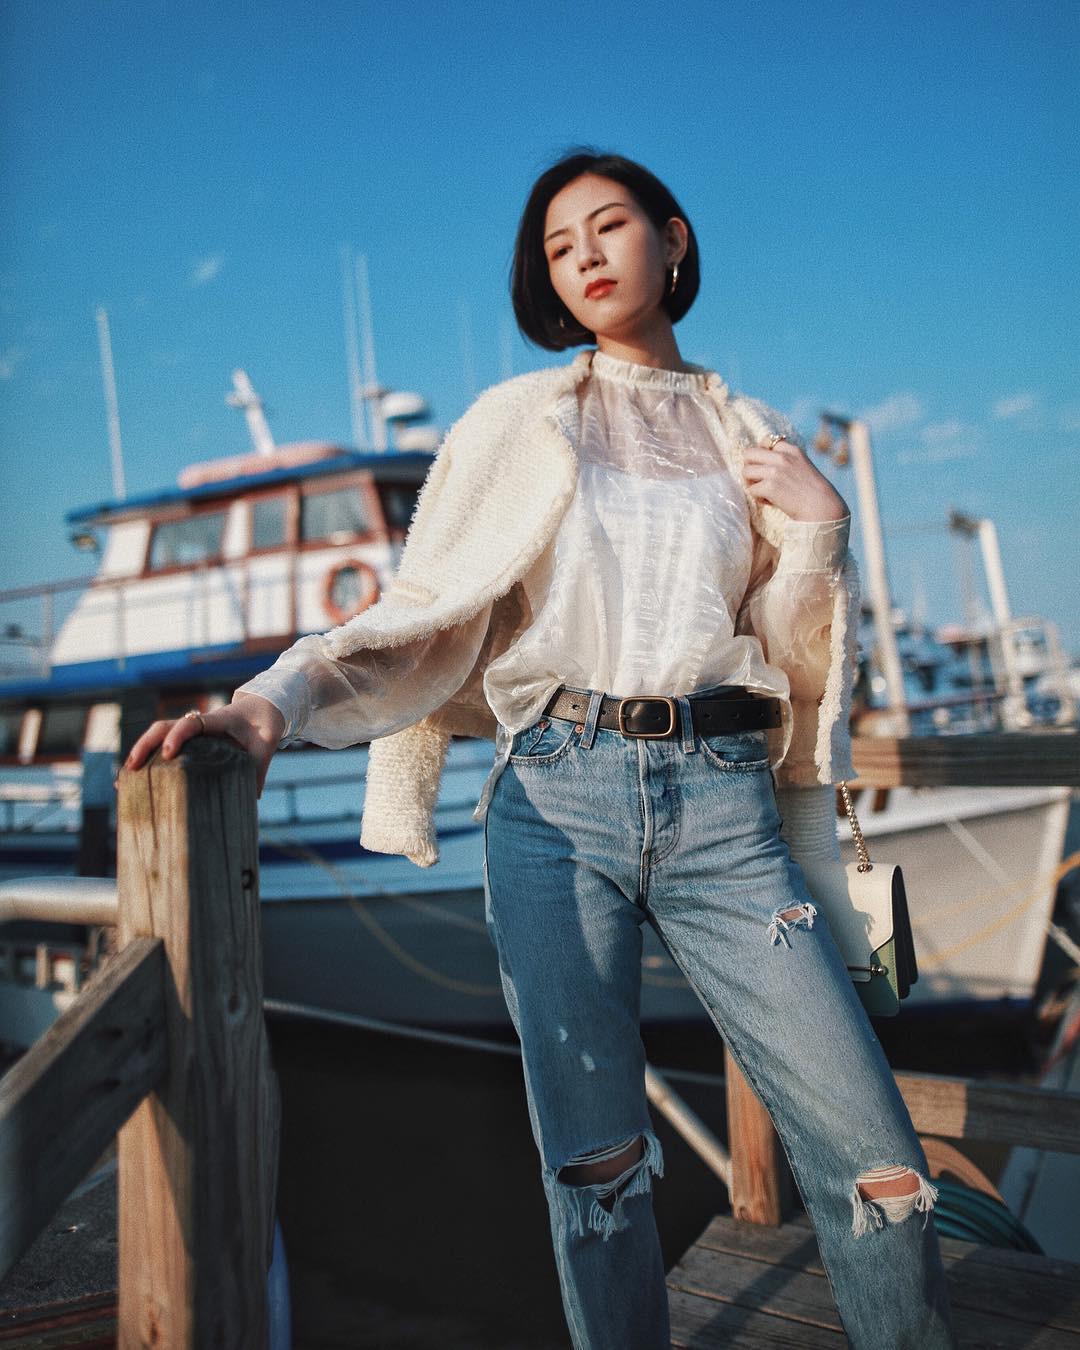 3 lỗi diện quần jeans không khiến cặp chân ngắn hơn thì cũng dễ đưa bạn vào tình huống kém duyên, nhạy cảm - Ảnh 6